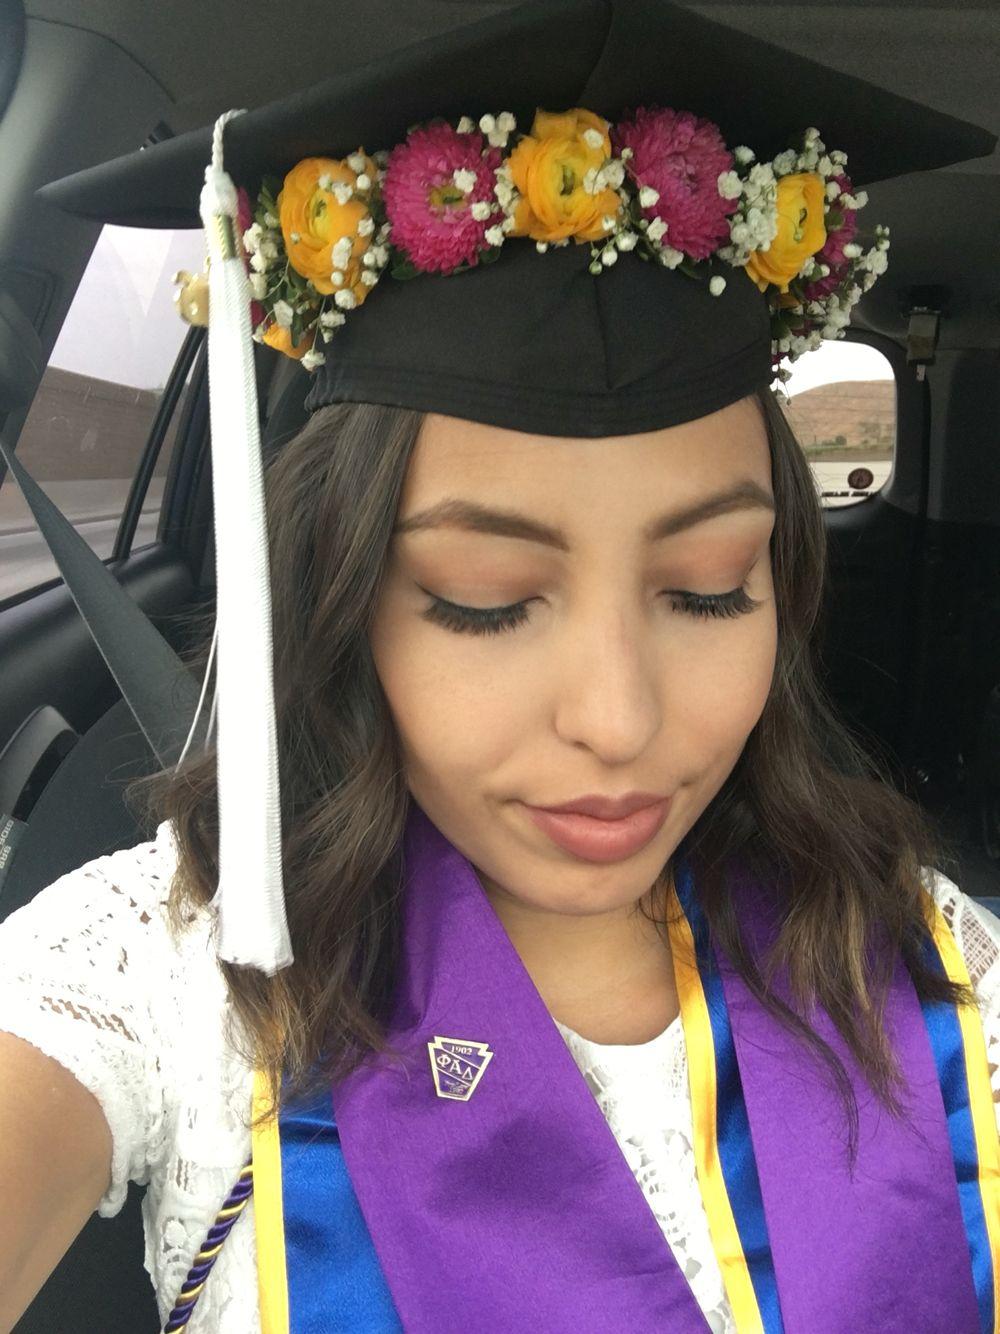 Graduation Cap Flower Crown Grad Cap Cute Pinterest Grad Cap